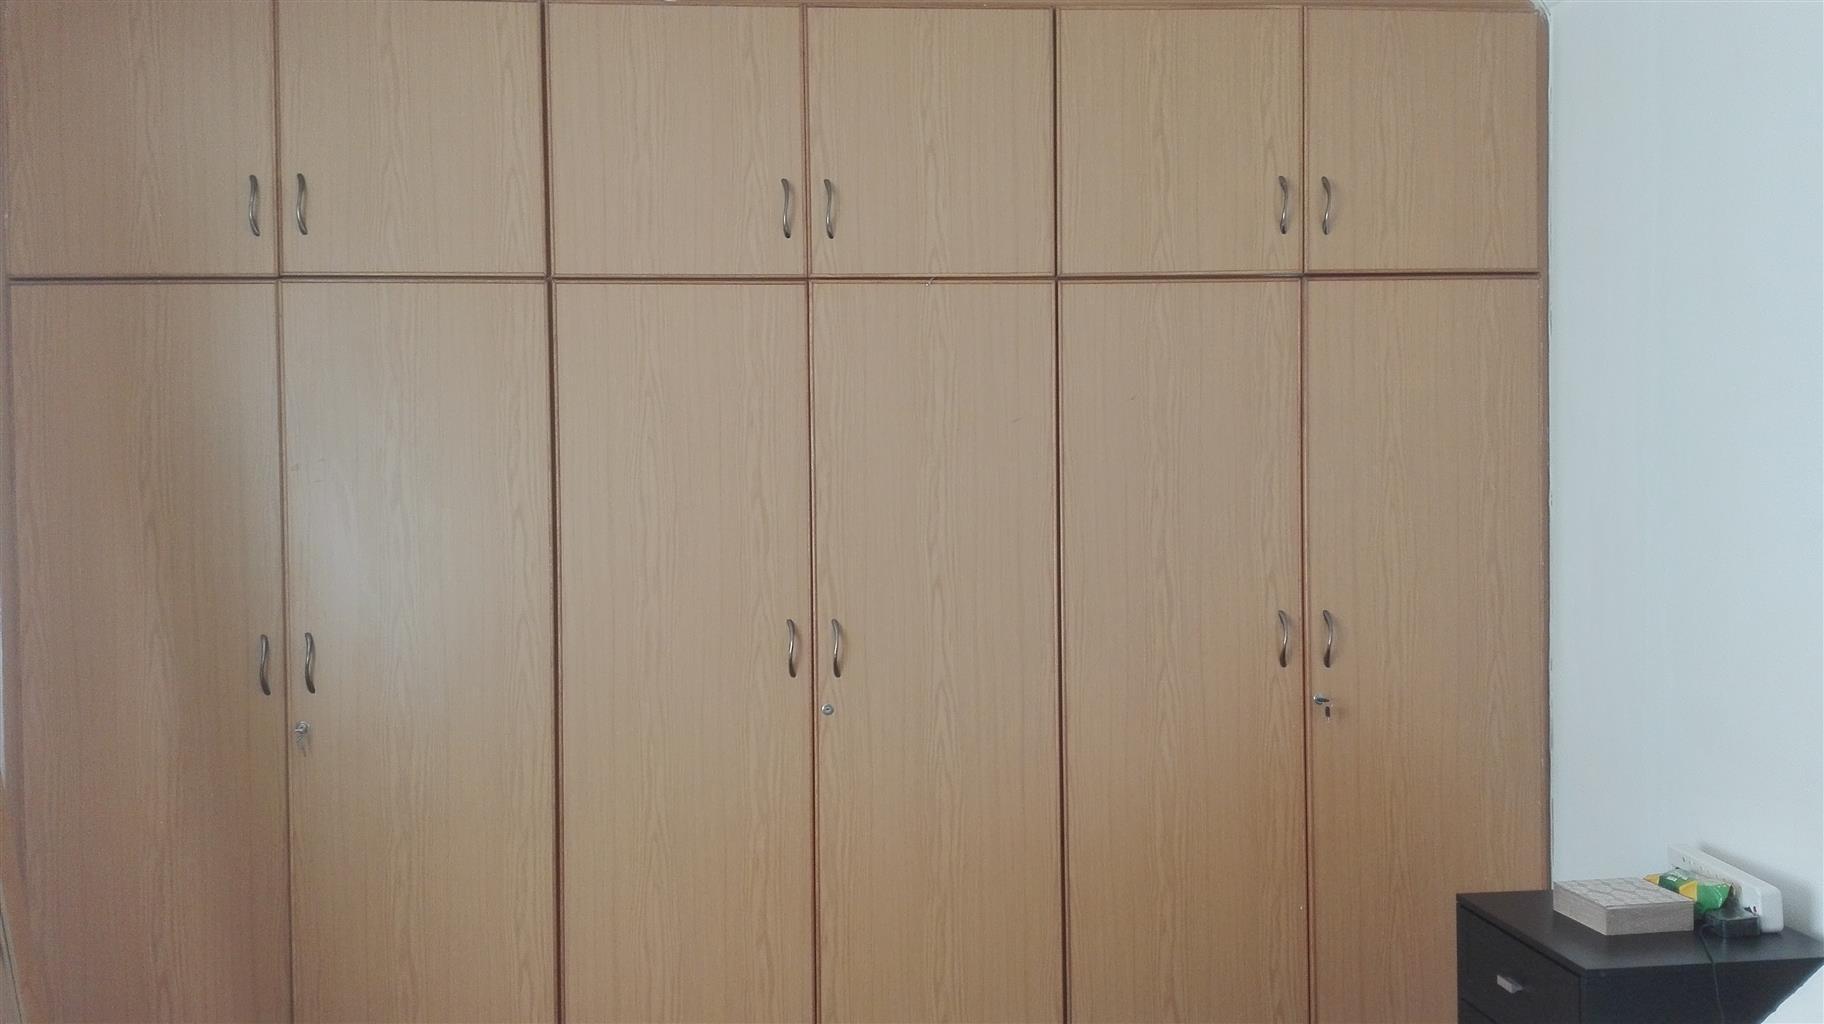 Bedroom cupboard doors for sale & Bedroom cupboard doors for sale   Junk Mail